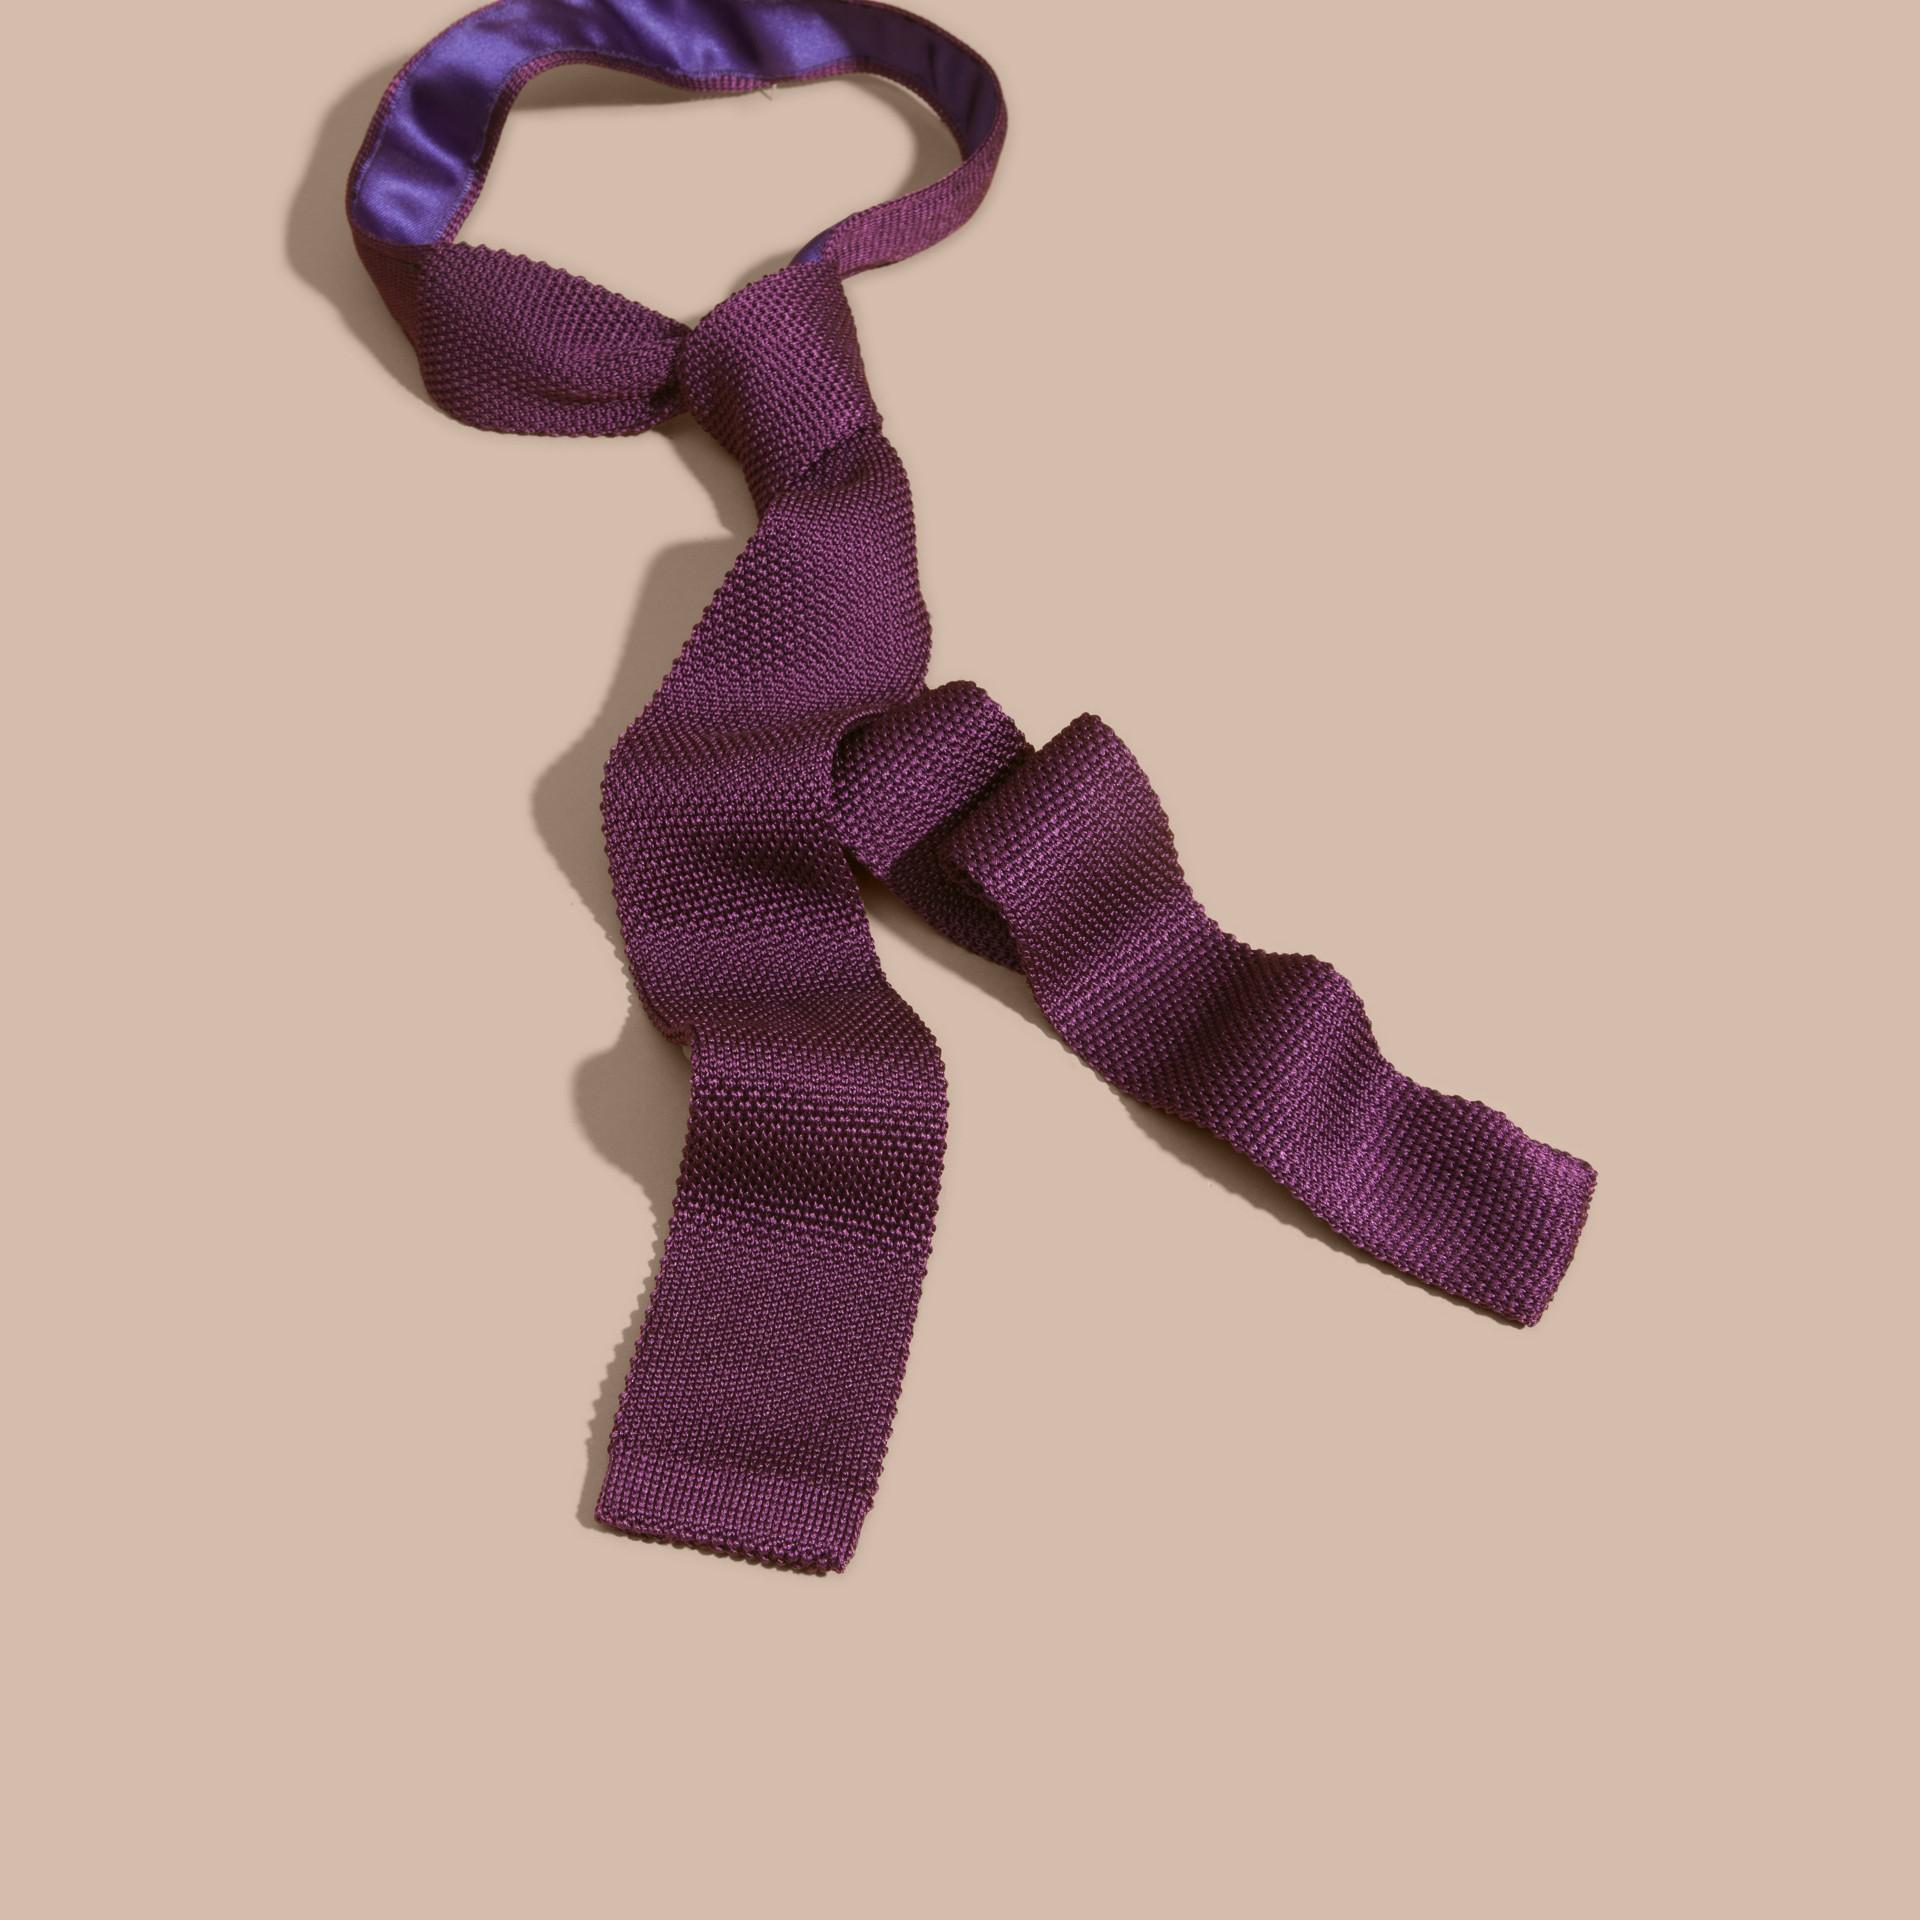 Viola scuro Cravatta dal taglio sottile in seta lavorata a maglia Viola Scuro - immagine della galleria 1